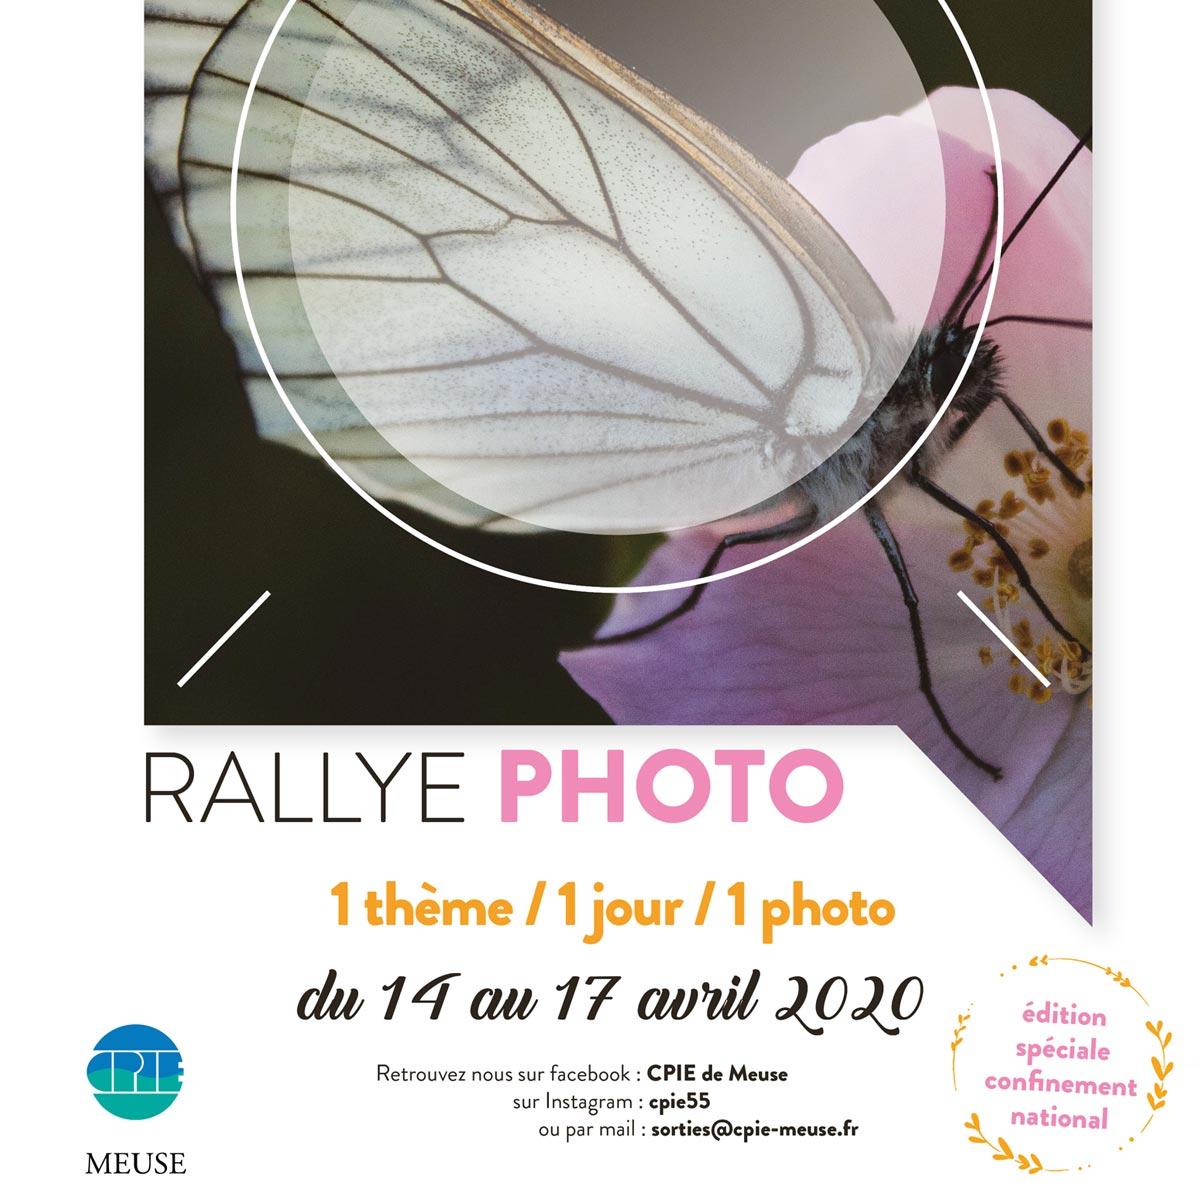 Rallye photo : #fenetresurleprintemps